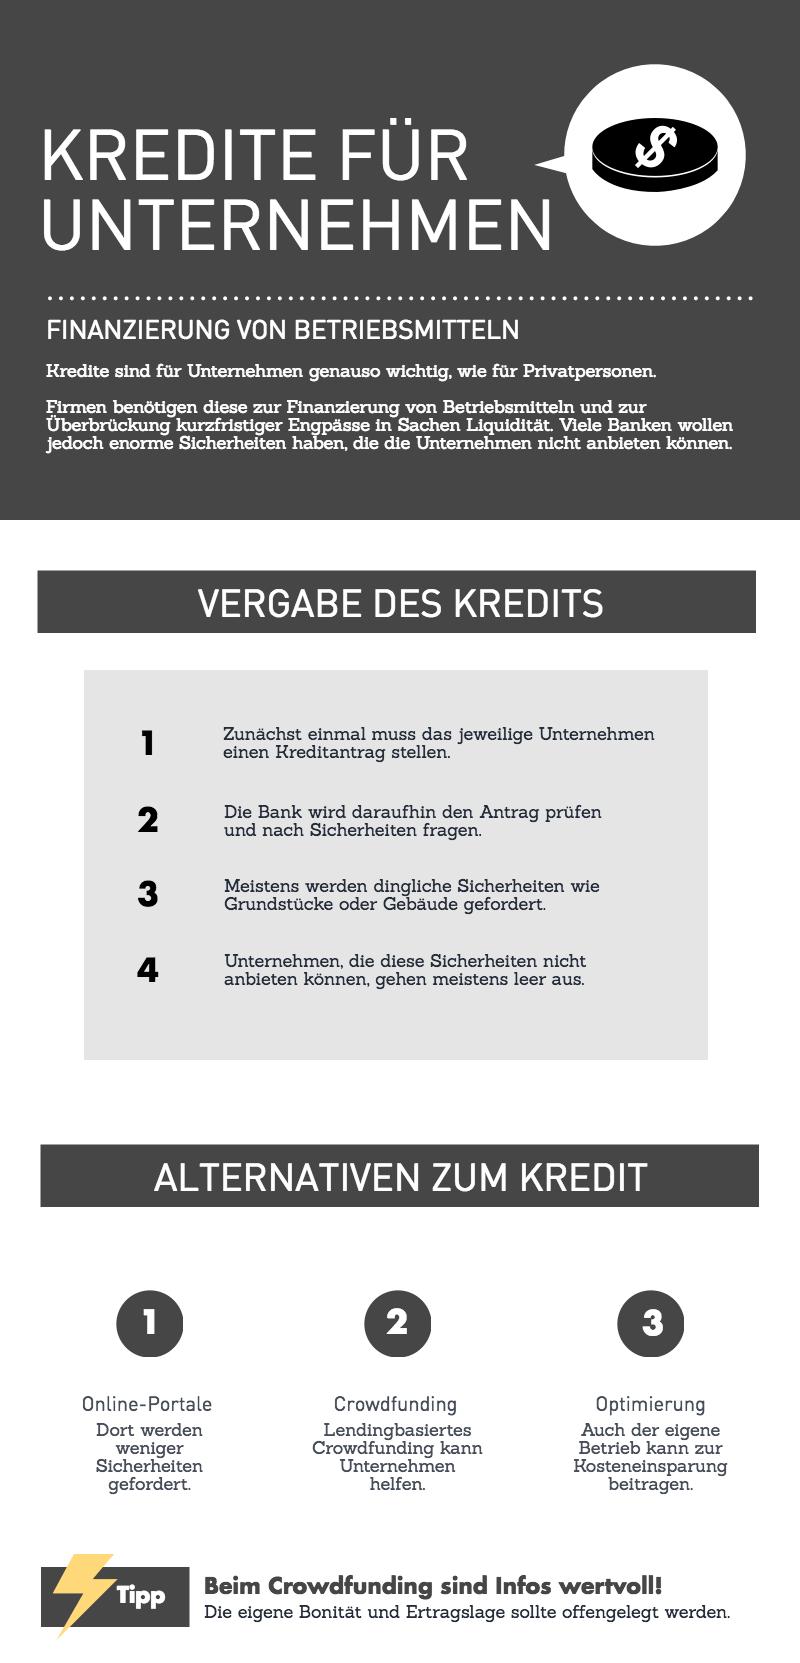 Infografik mit Daten über Kredite für Firmen